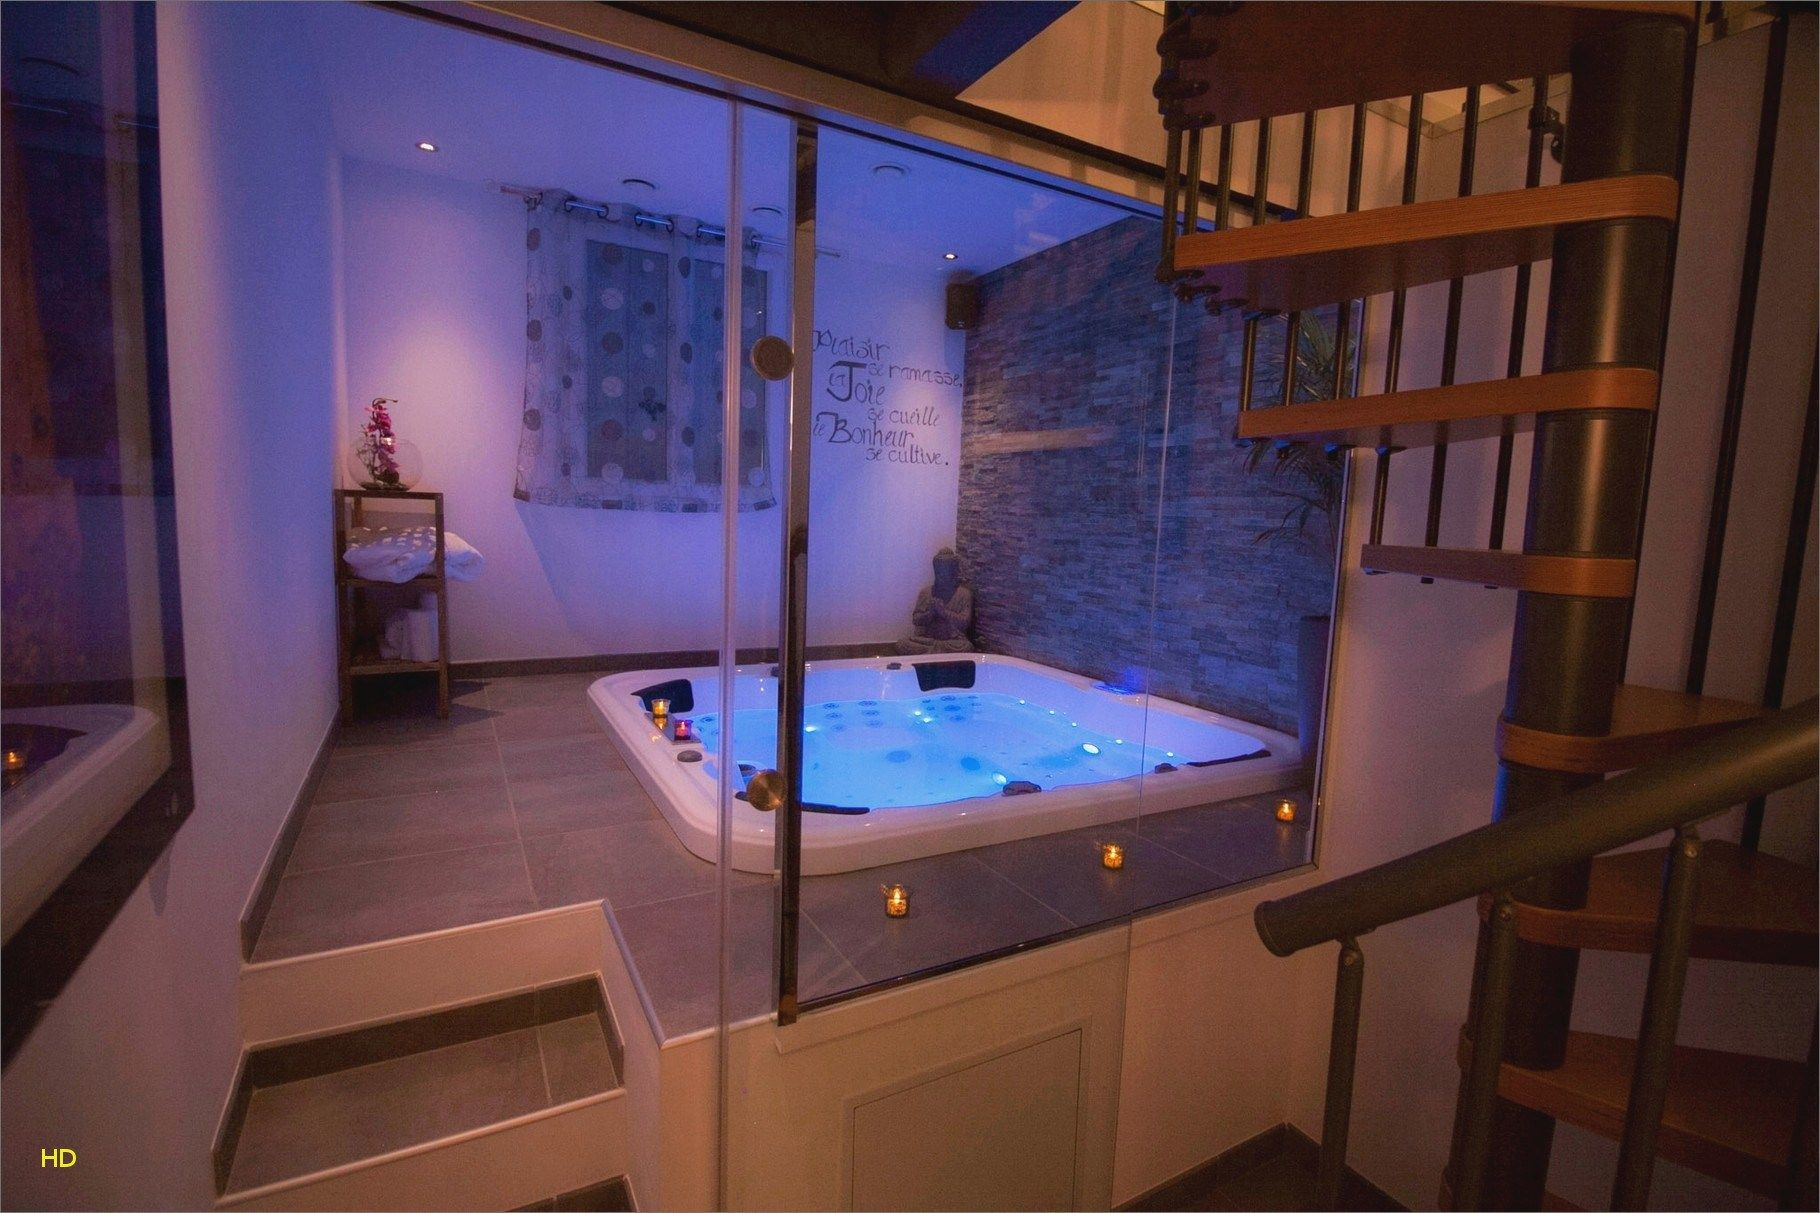 New Hotel Lyon Jacuzzi Privatif Chambre Spa Privatif Jacuzzi Interieur Jacuzzi